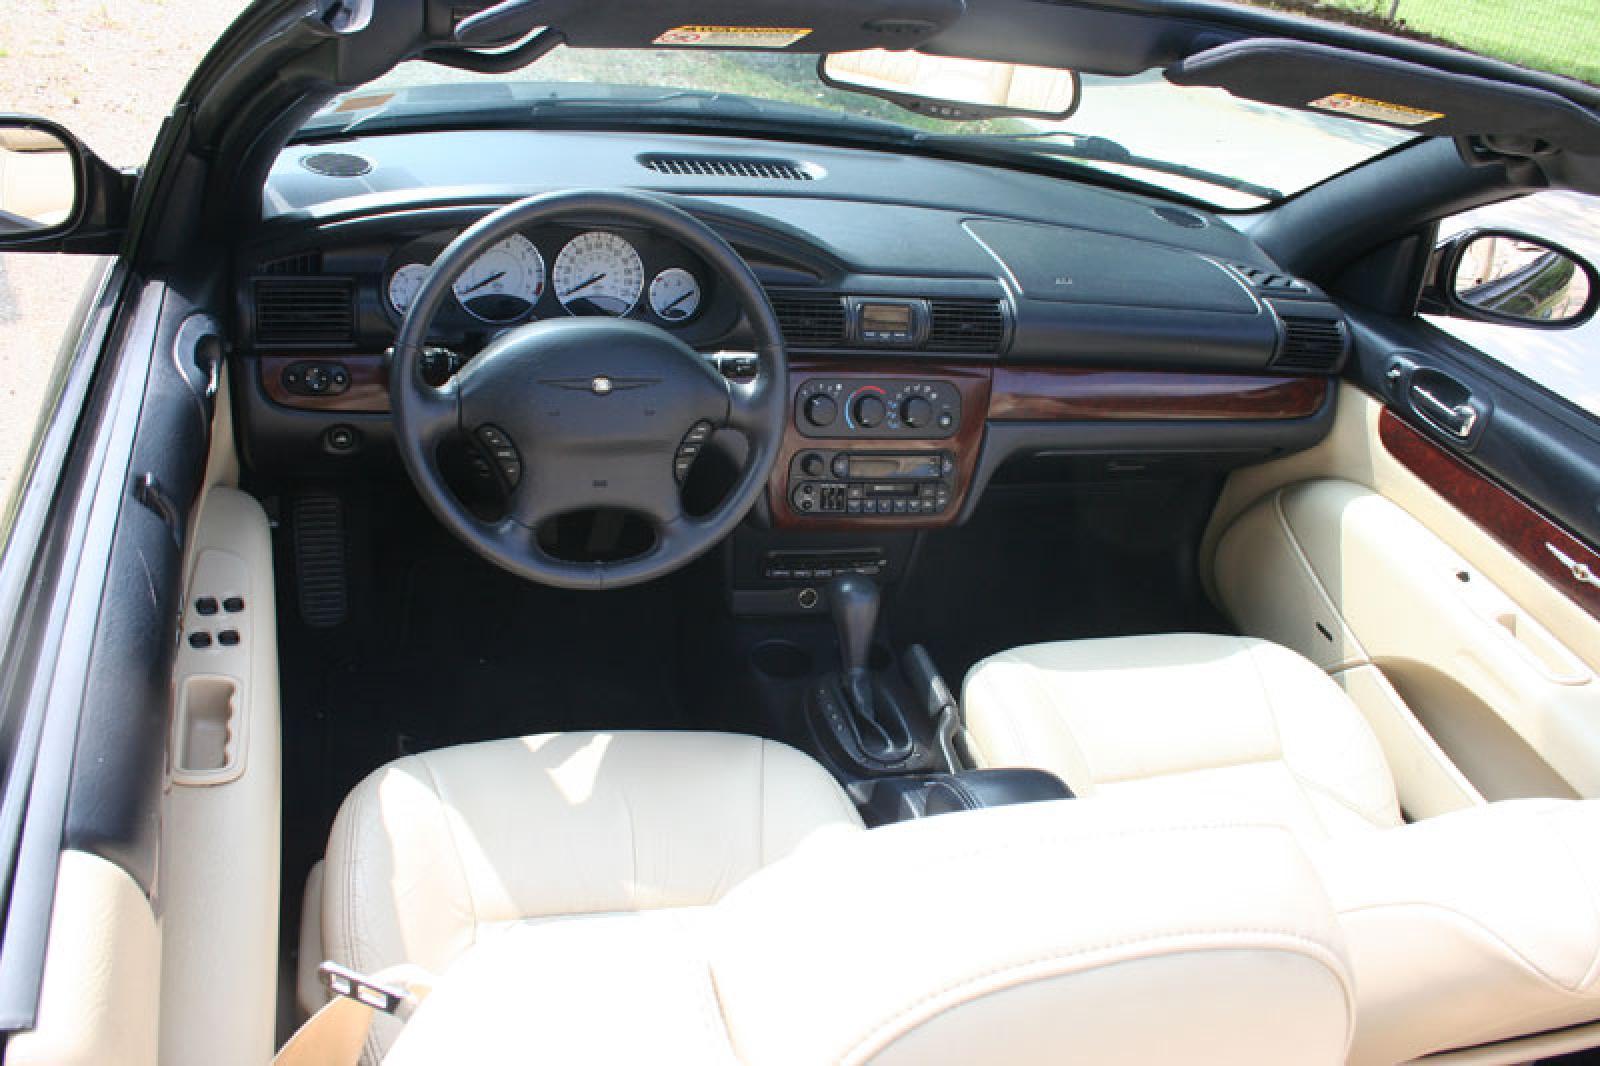 2001 Chrysler Sebring #1 800 1024 1280 1600 origin